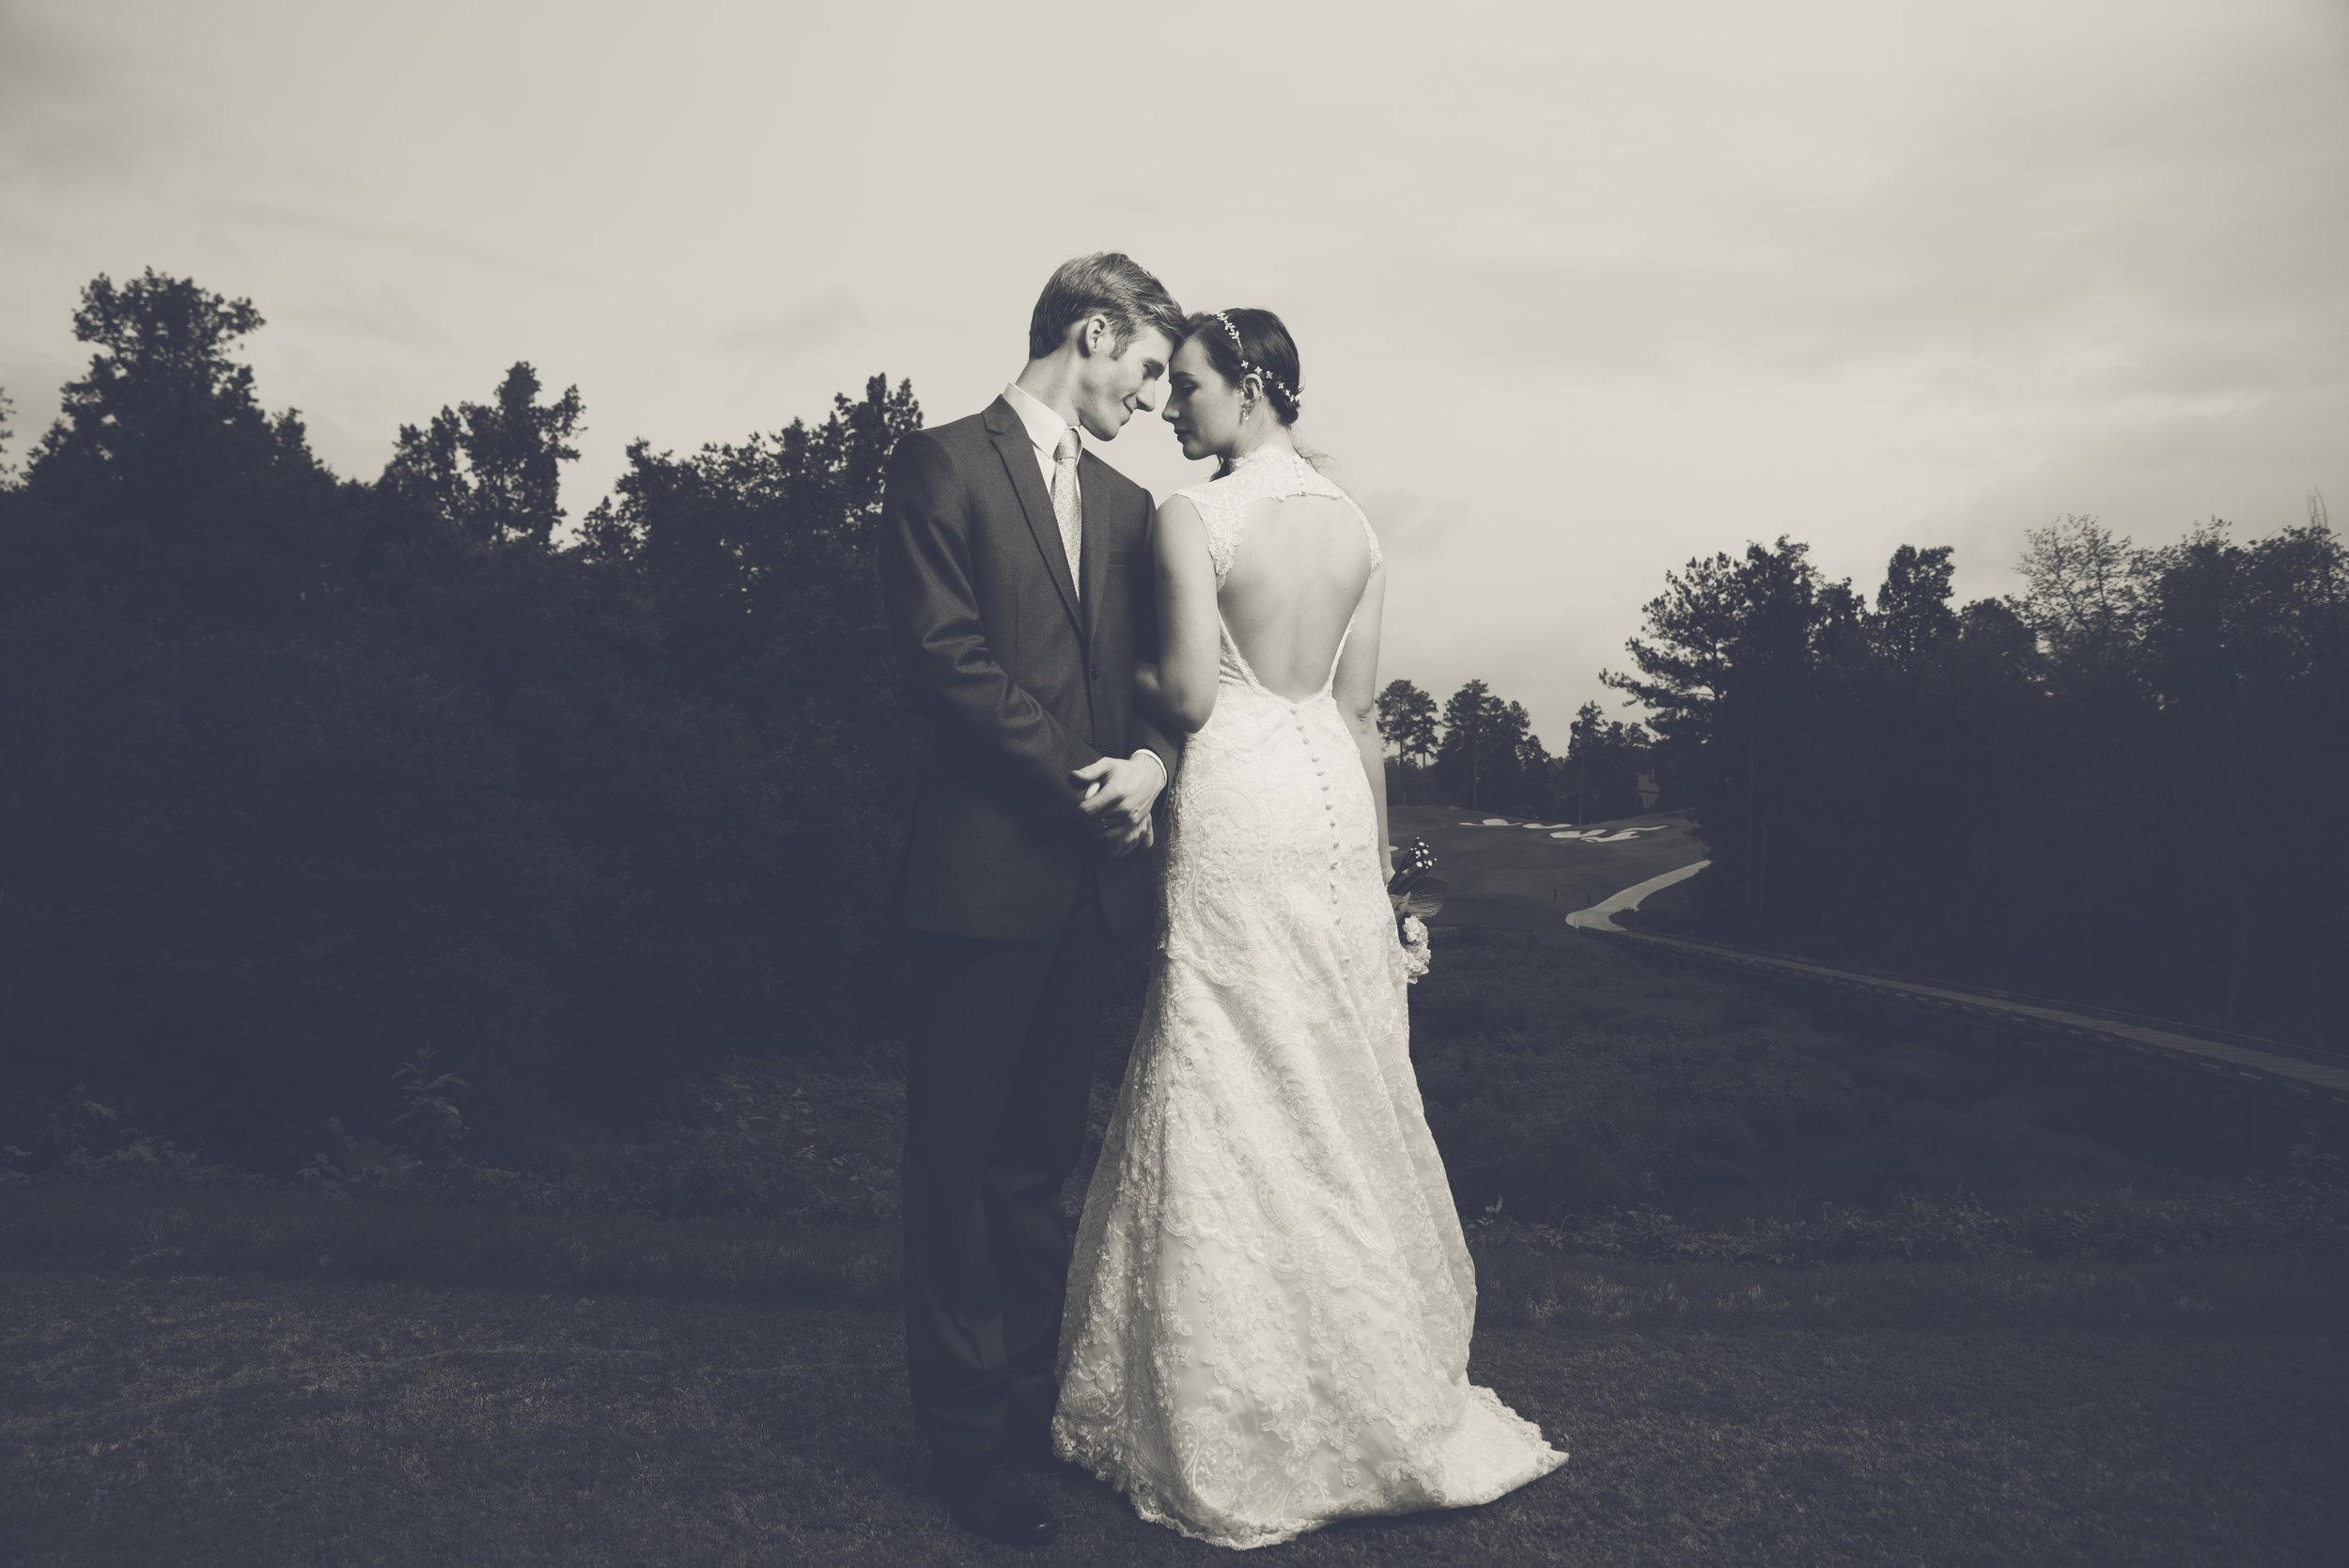 170522_Alyssa and Ben Dickert_0329.jpg